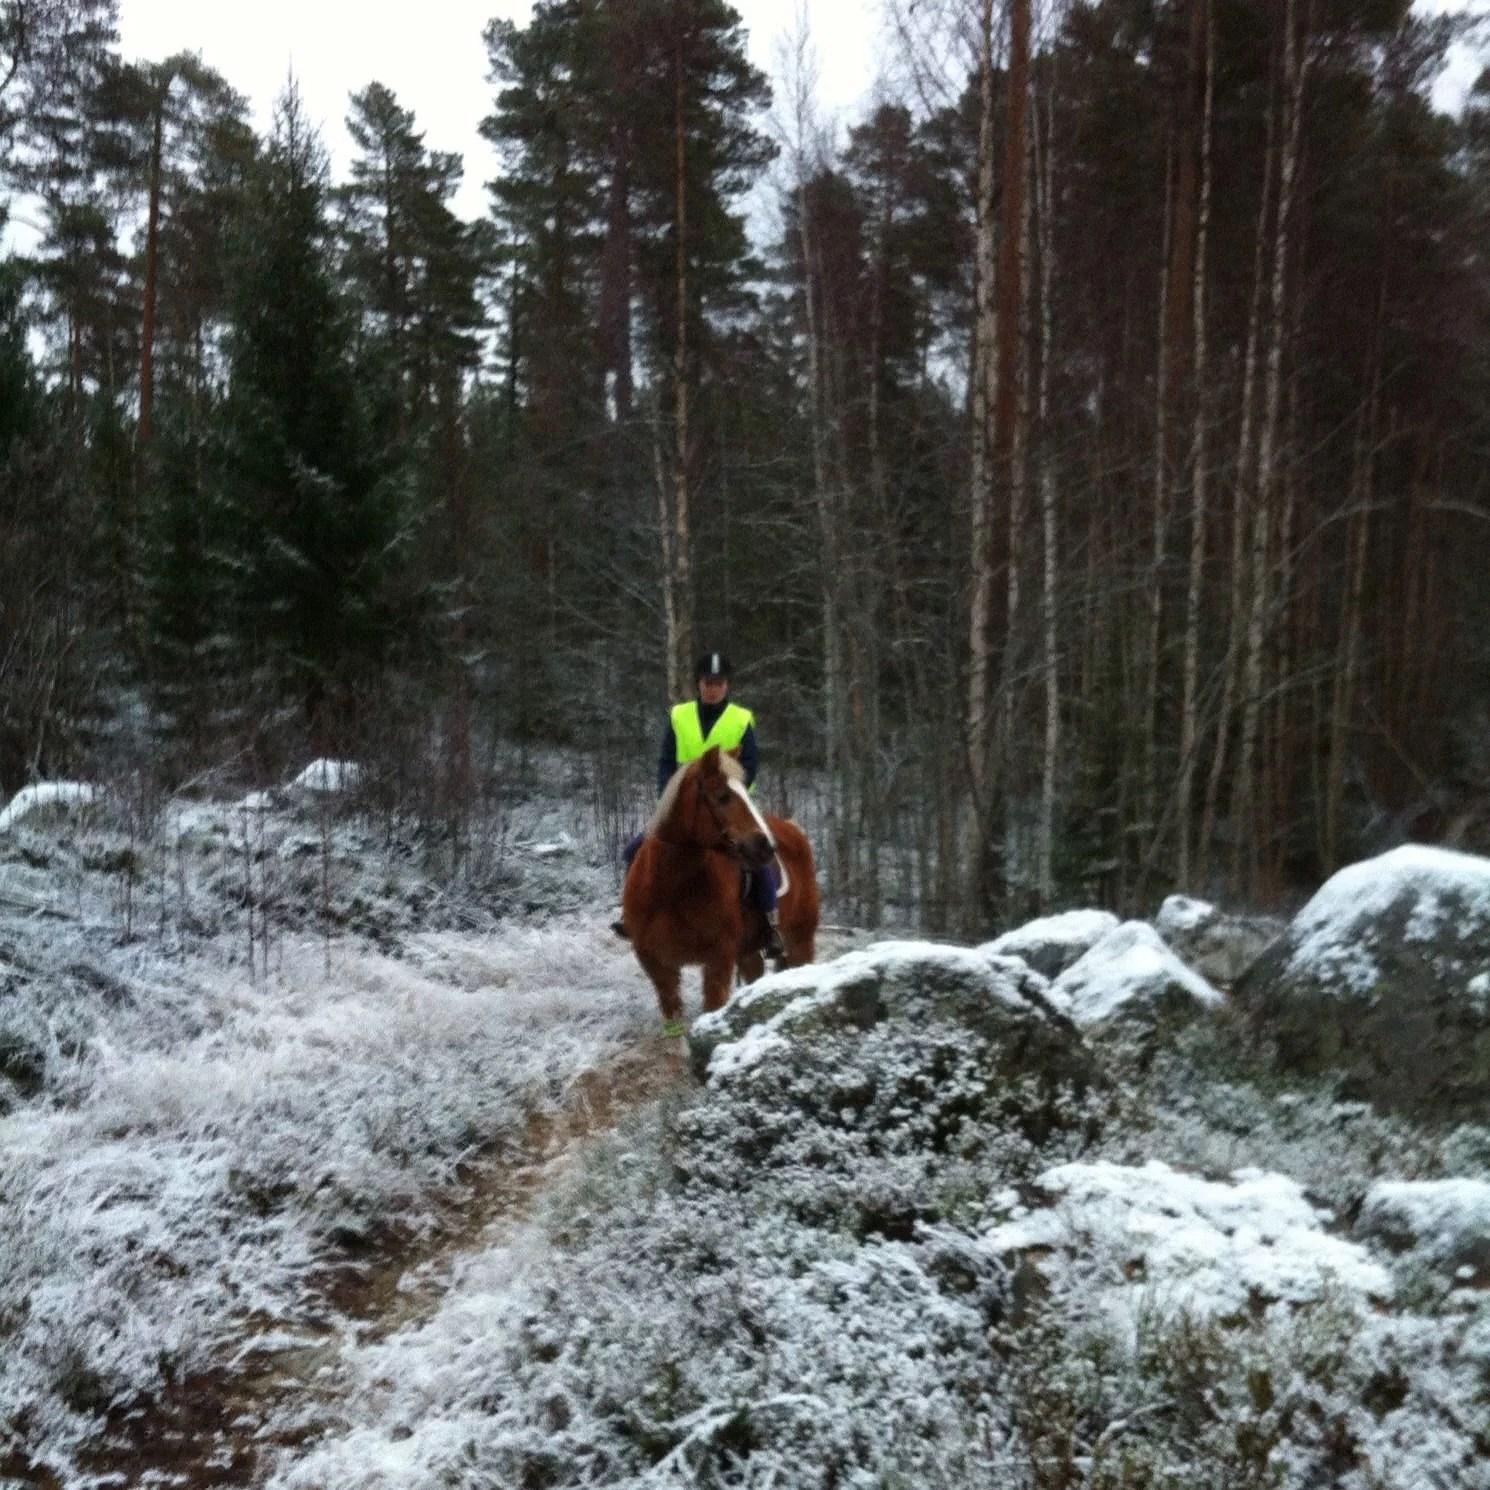 att dejta en hästtjej